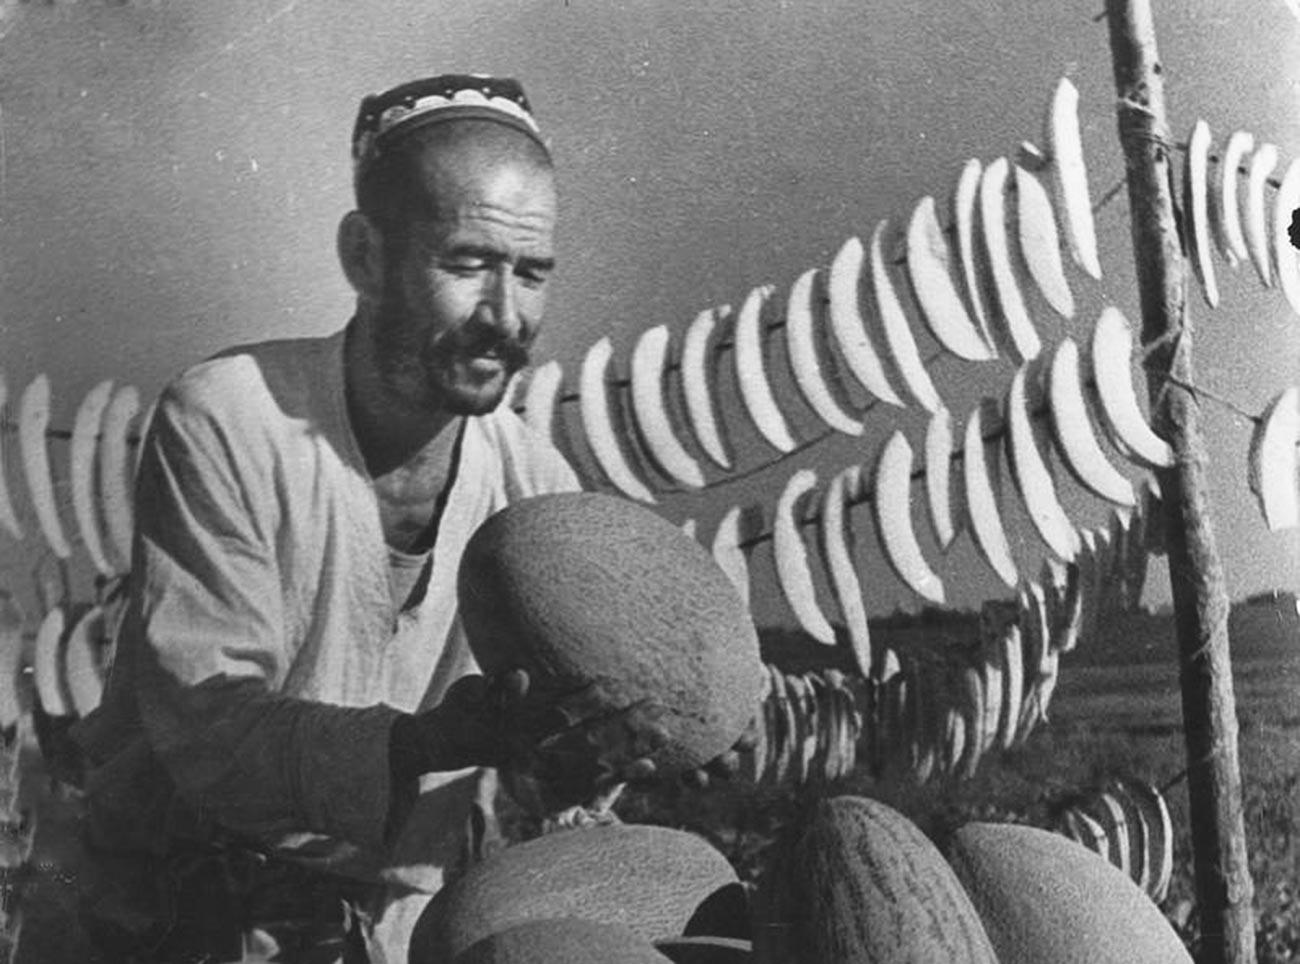 Торговец дынями, Узбекская ССР, 1930-ые.